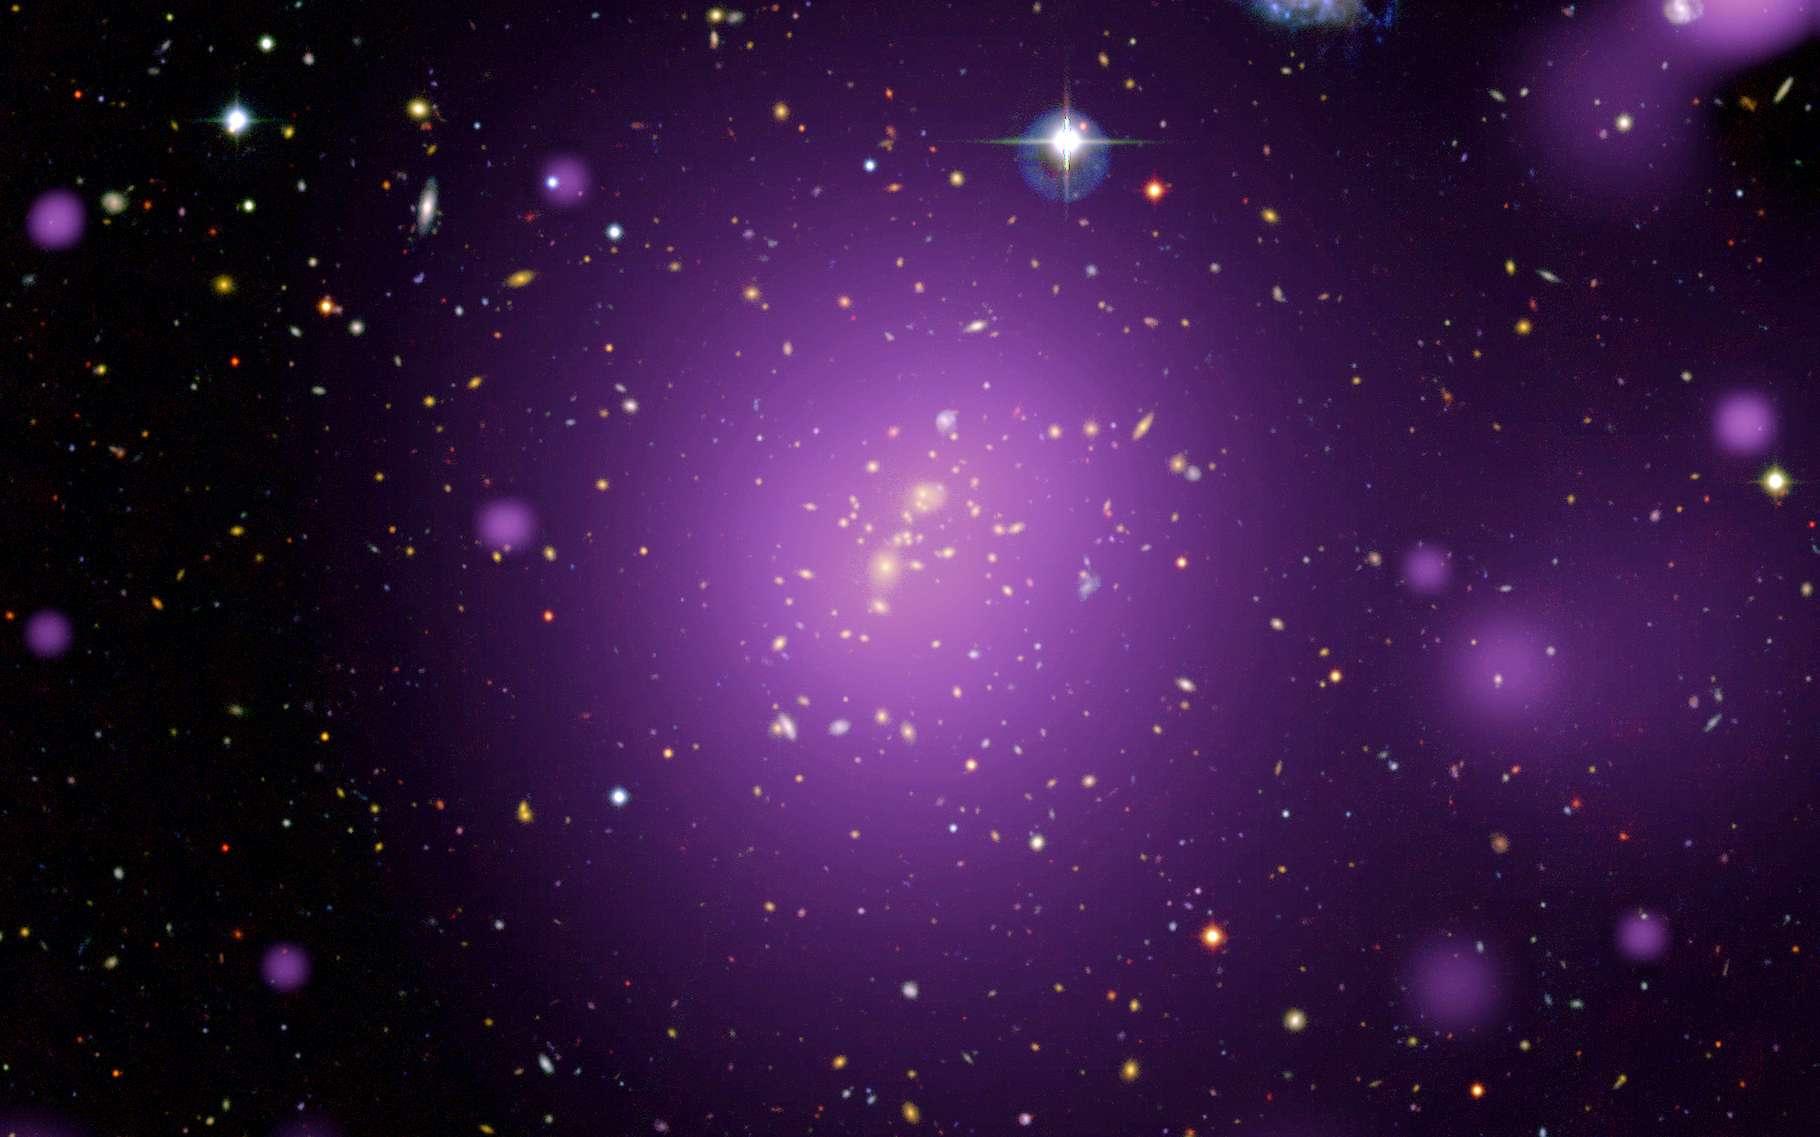 Des chercheurs ont étudié plusieurs centaines d'amas de galaxies aux rayons X. Leur conclusion : la vitesse d'expansion de notre Univers varie selon la direction. © ESA/XMM-Newton (X rays) ; CFHT-LS (optical) ; XXL Survey